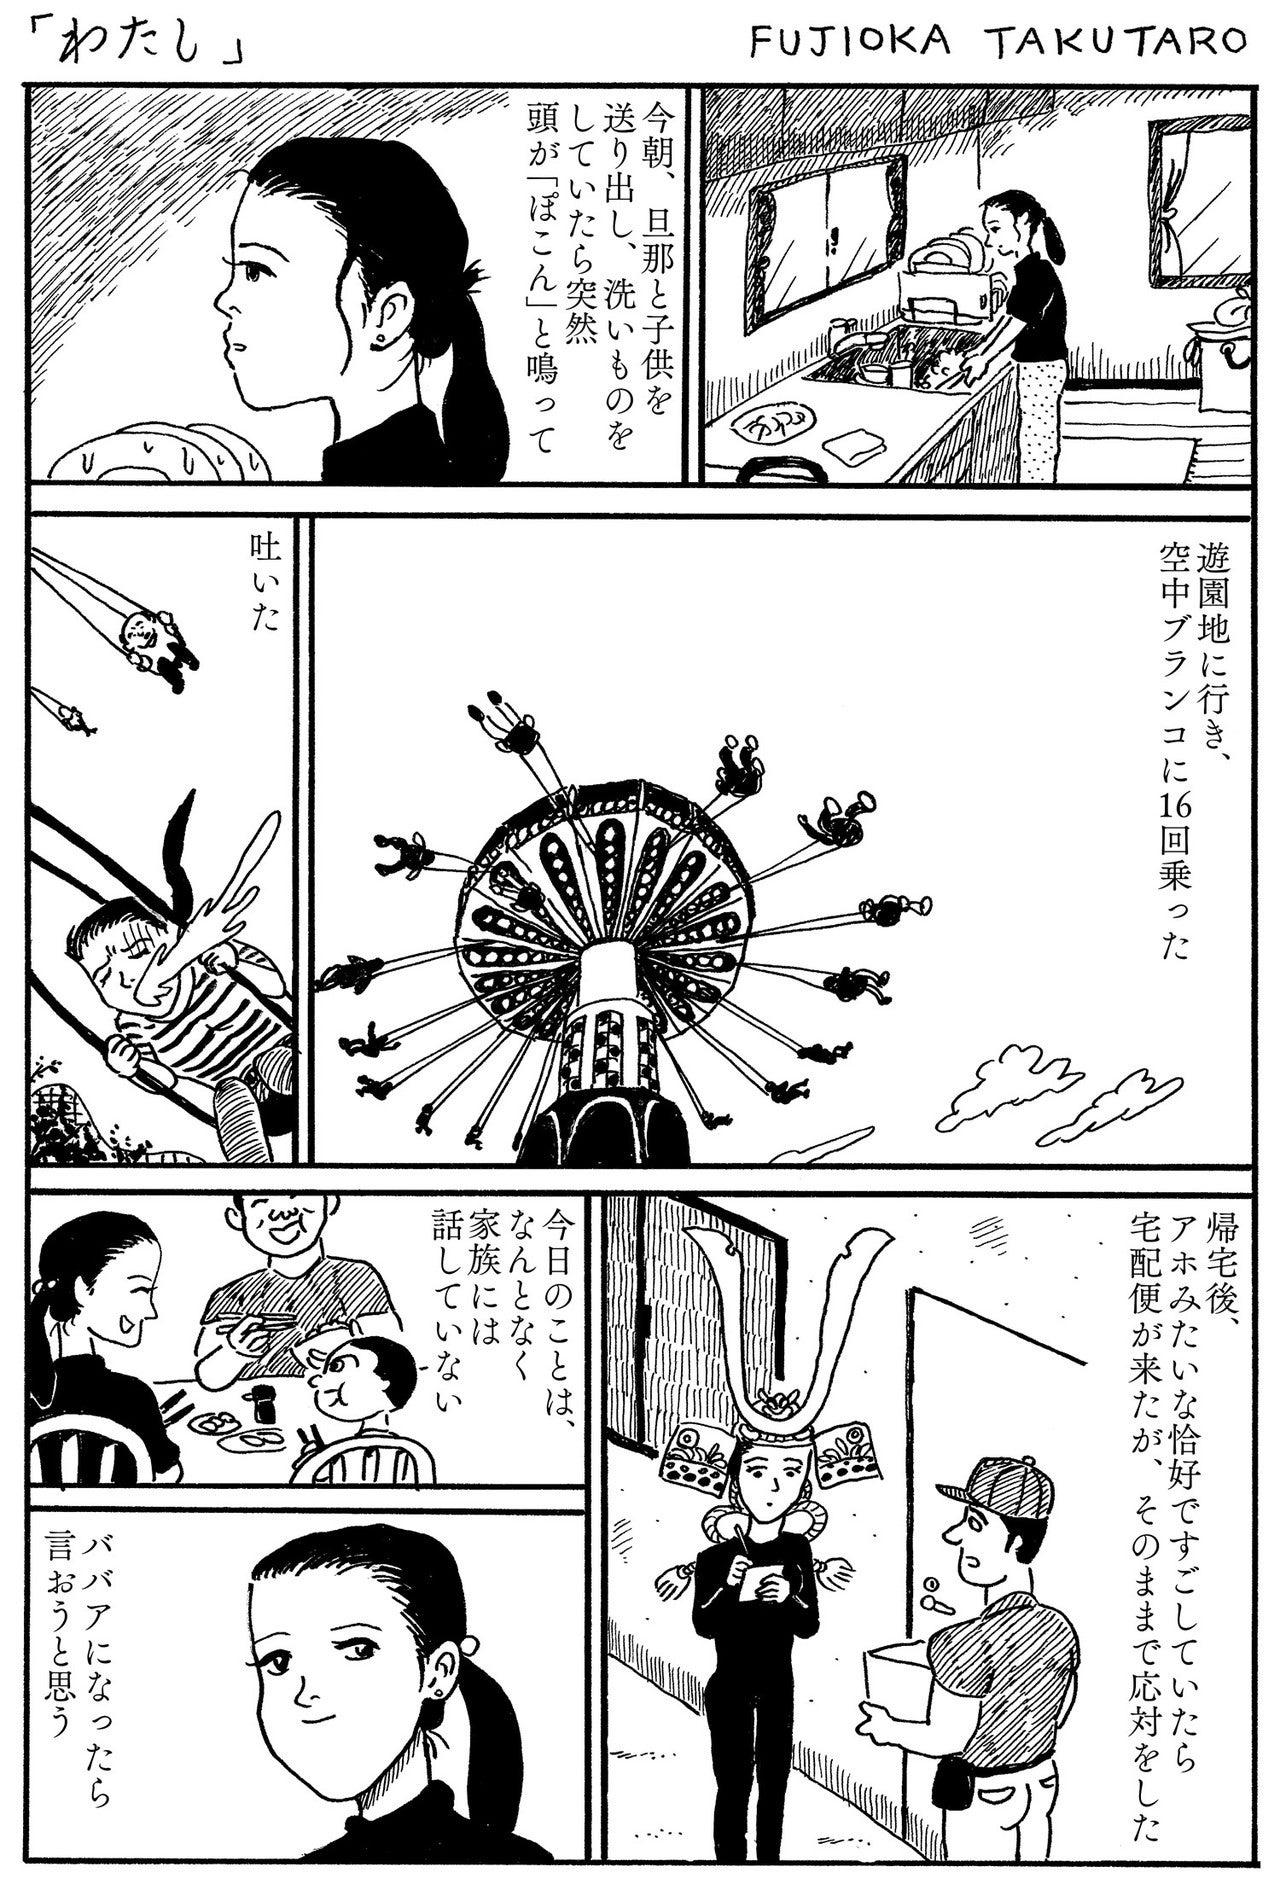 20180321_1ページ漫画_わたし__R